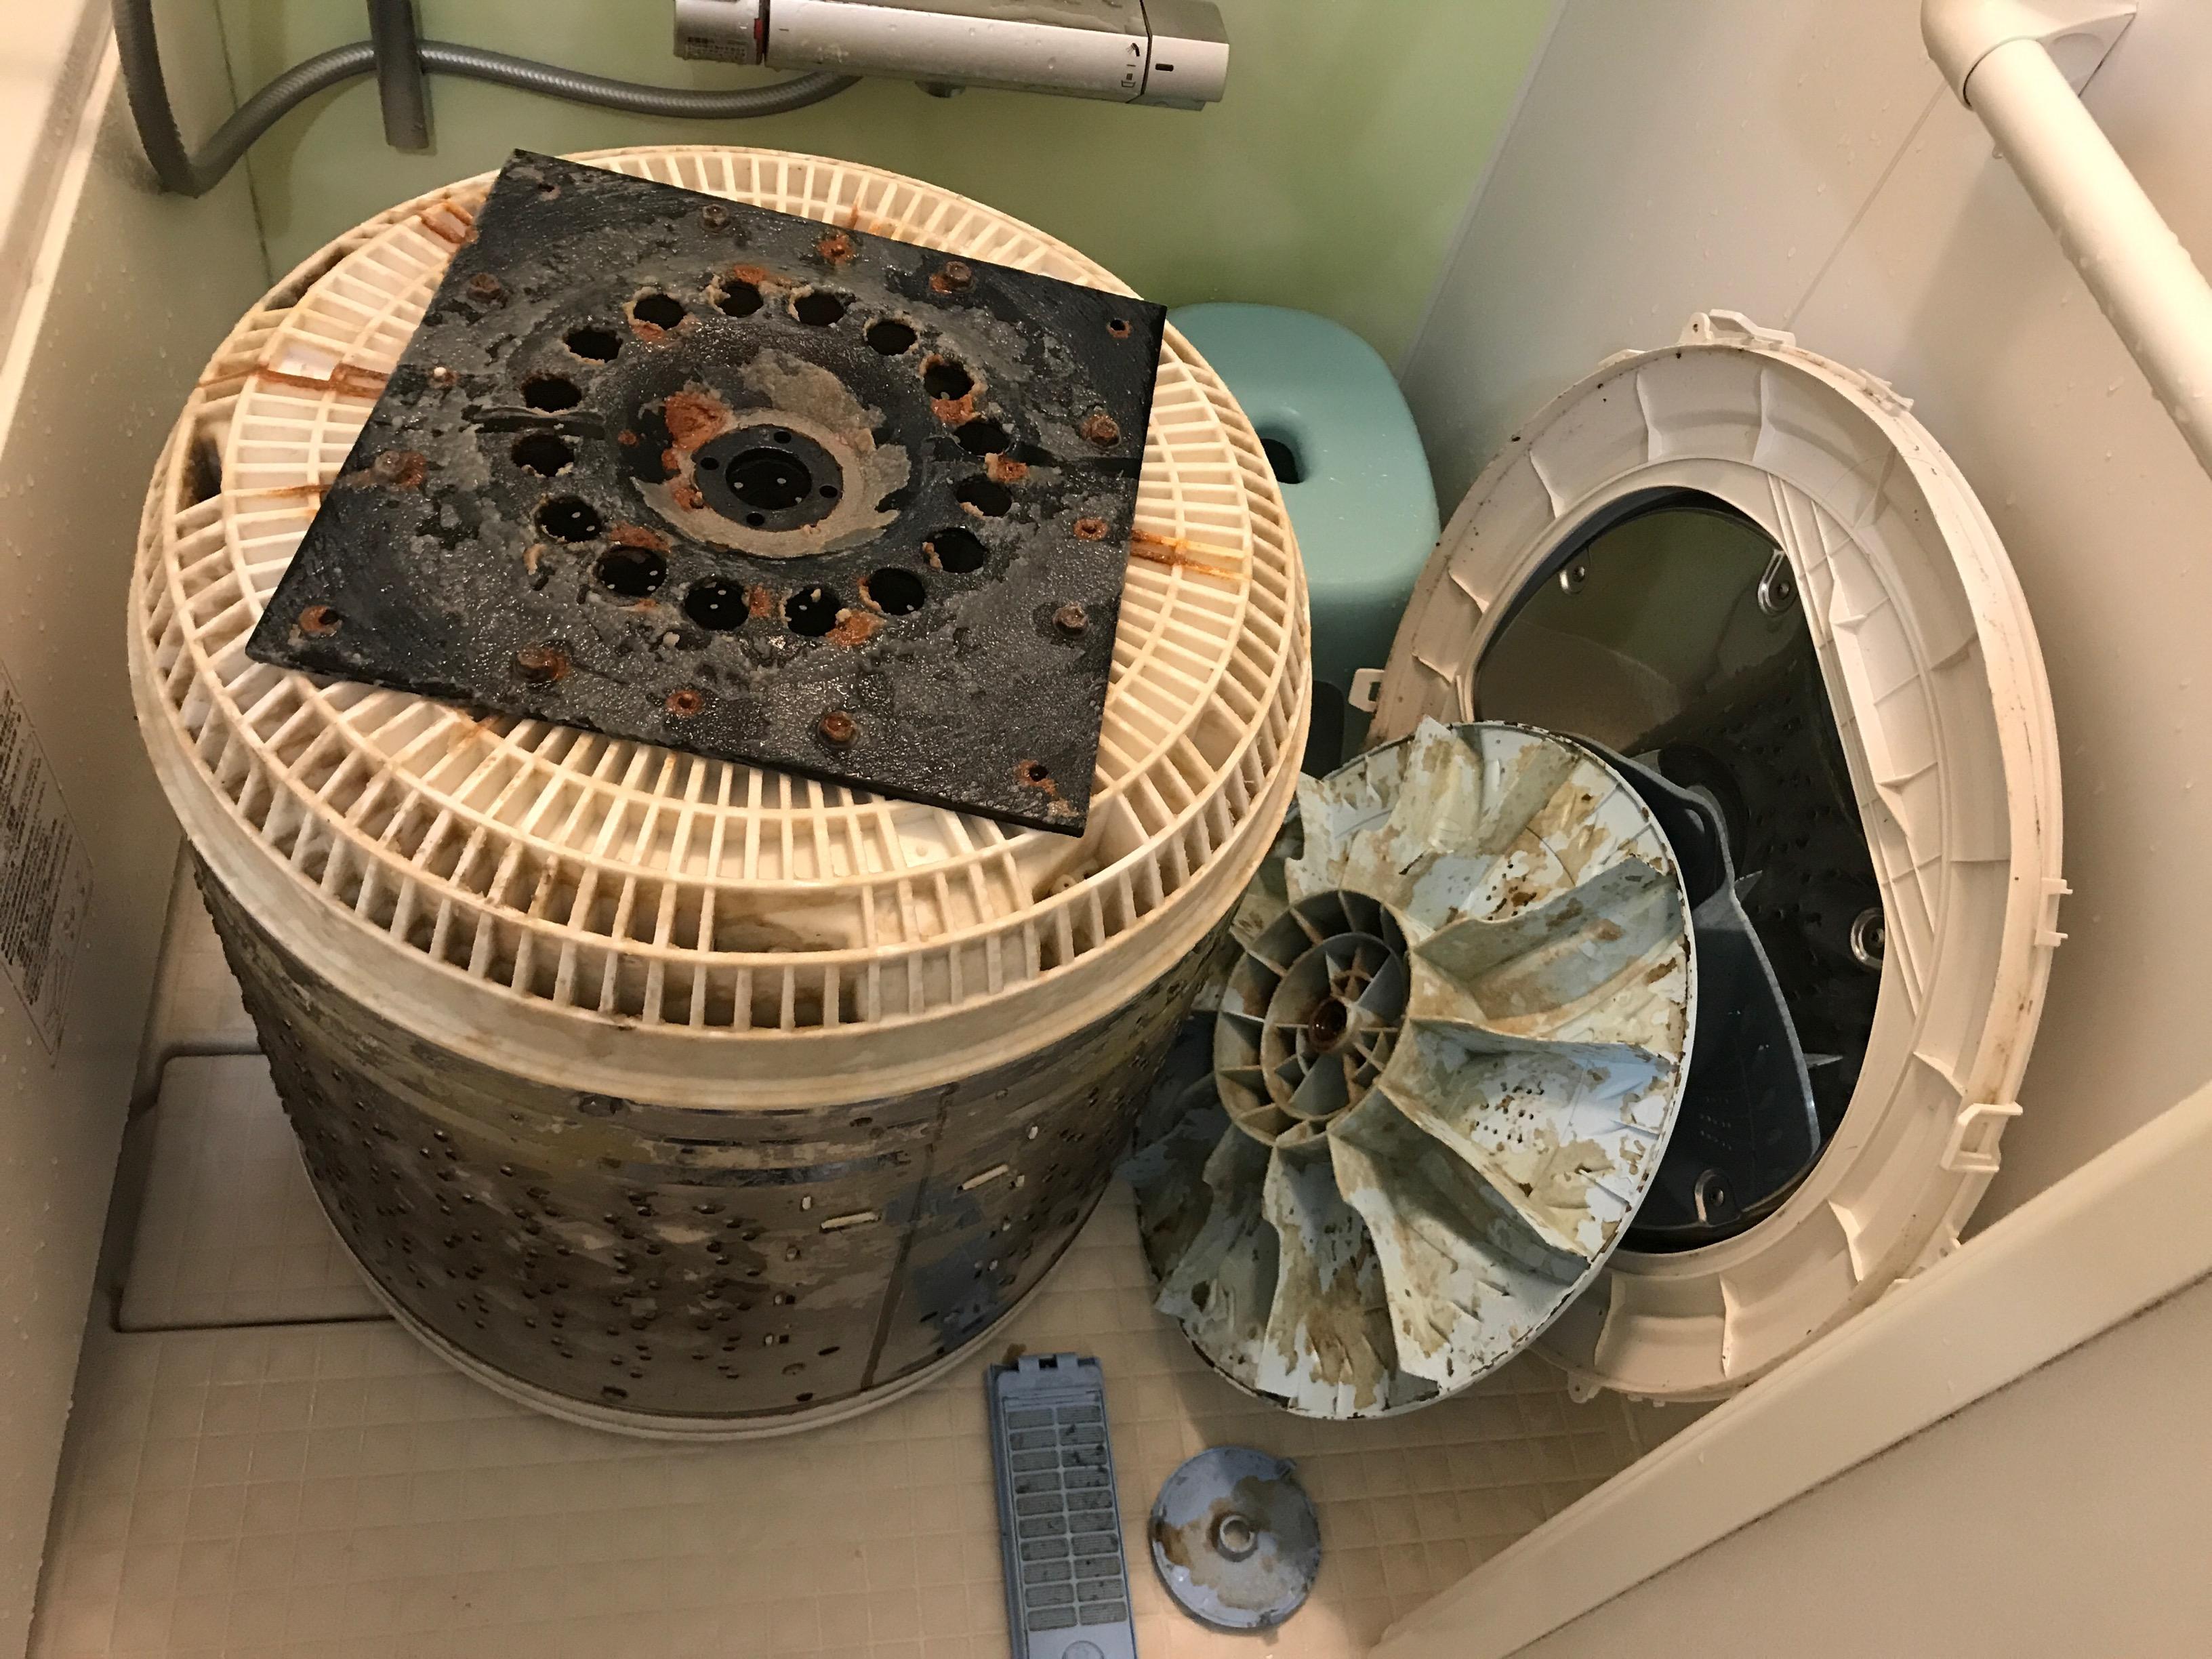 年末大人気メンテナンス!洗濯機分解クリーニング